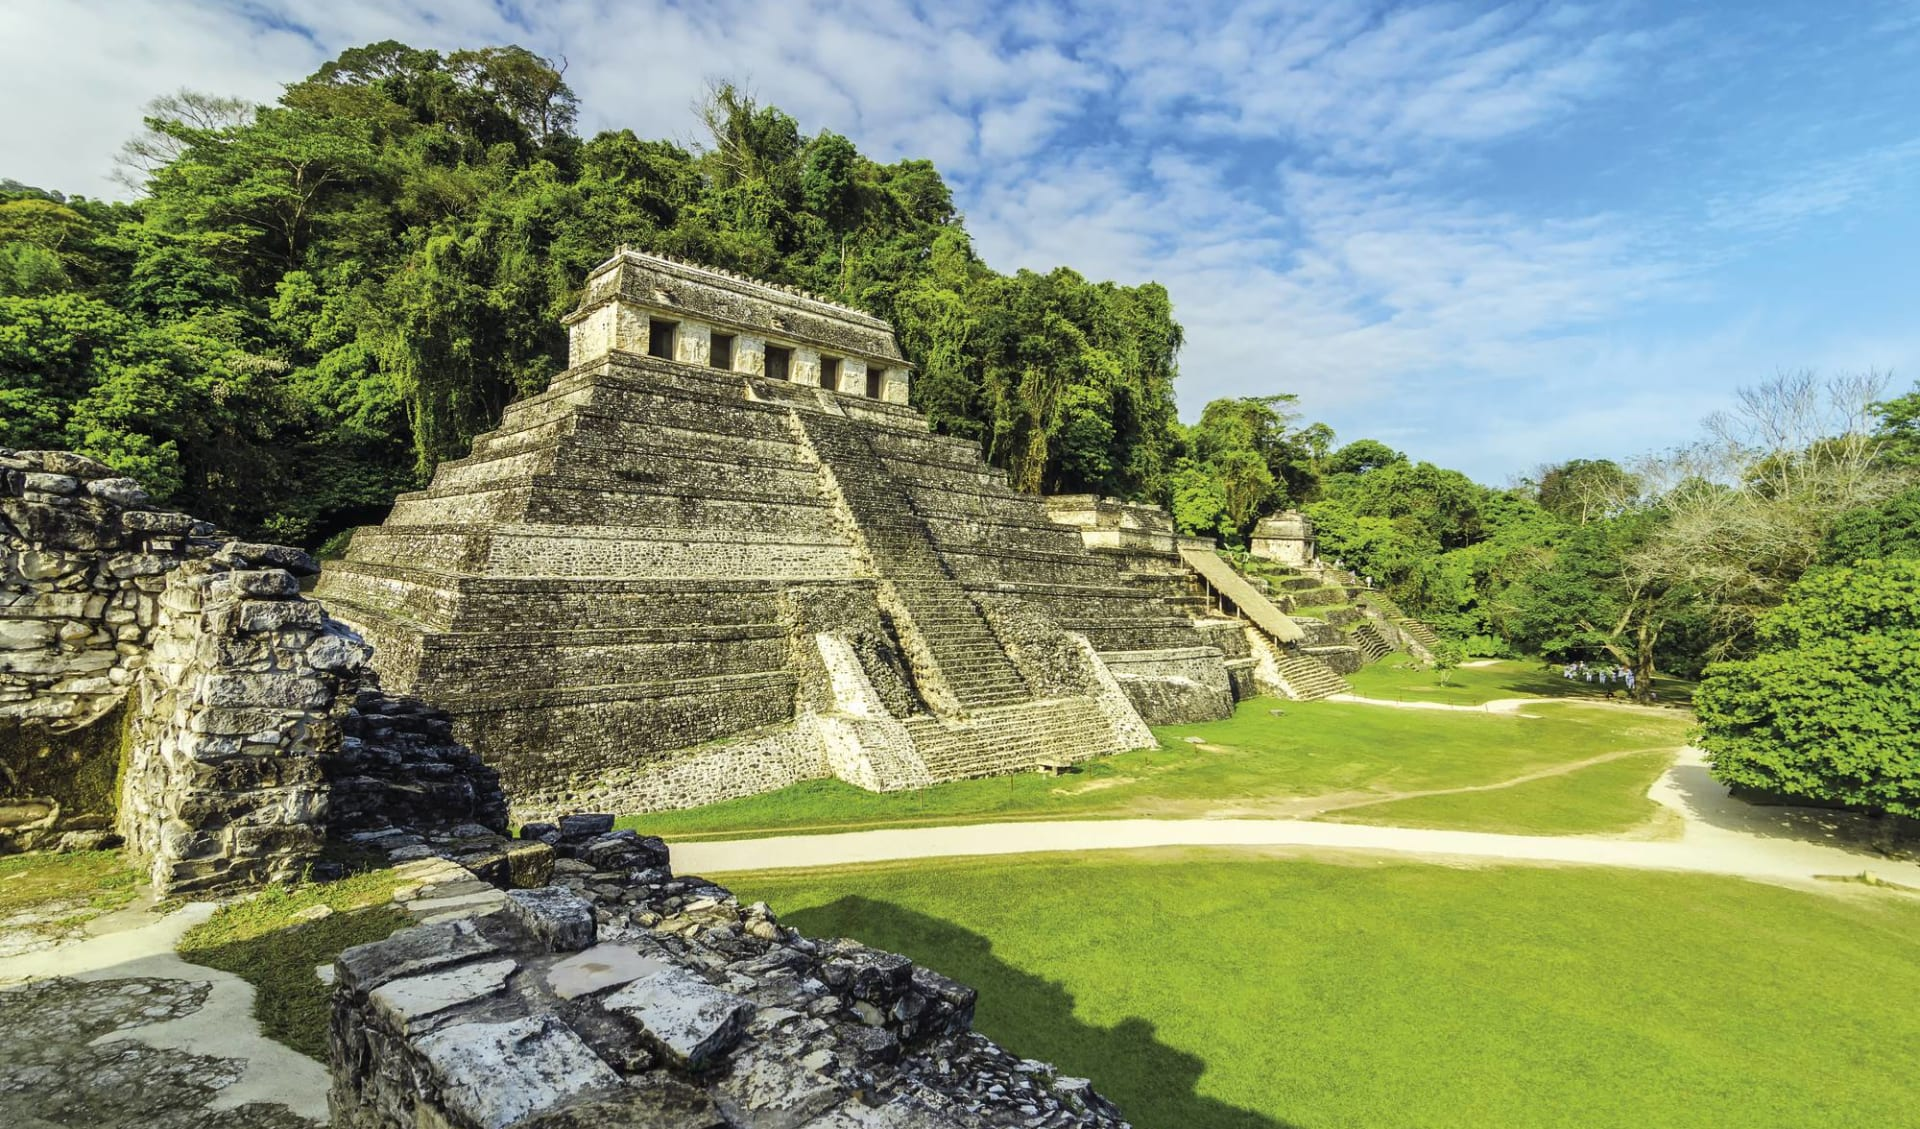 Traditionelles Mexico ab Mexico City: Mexiko - Palenque - Maya Tempel